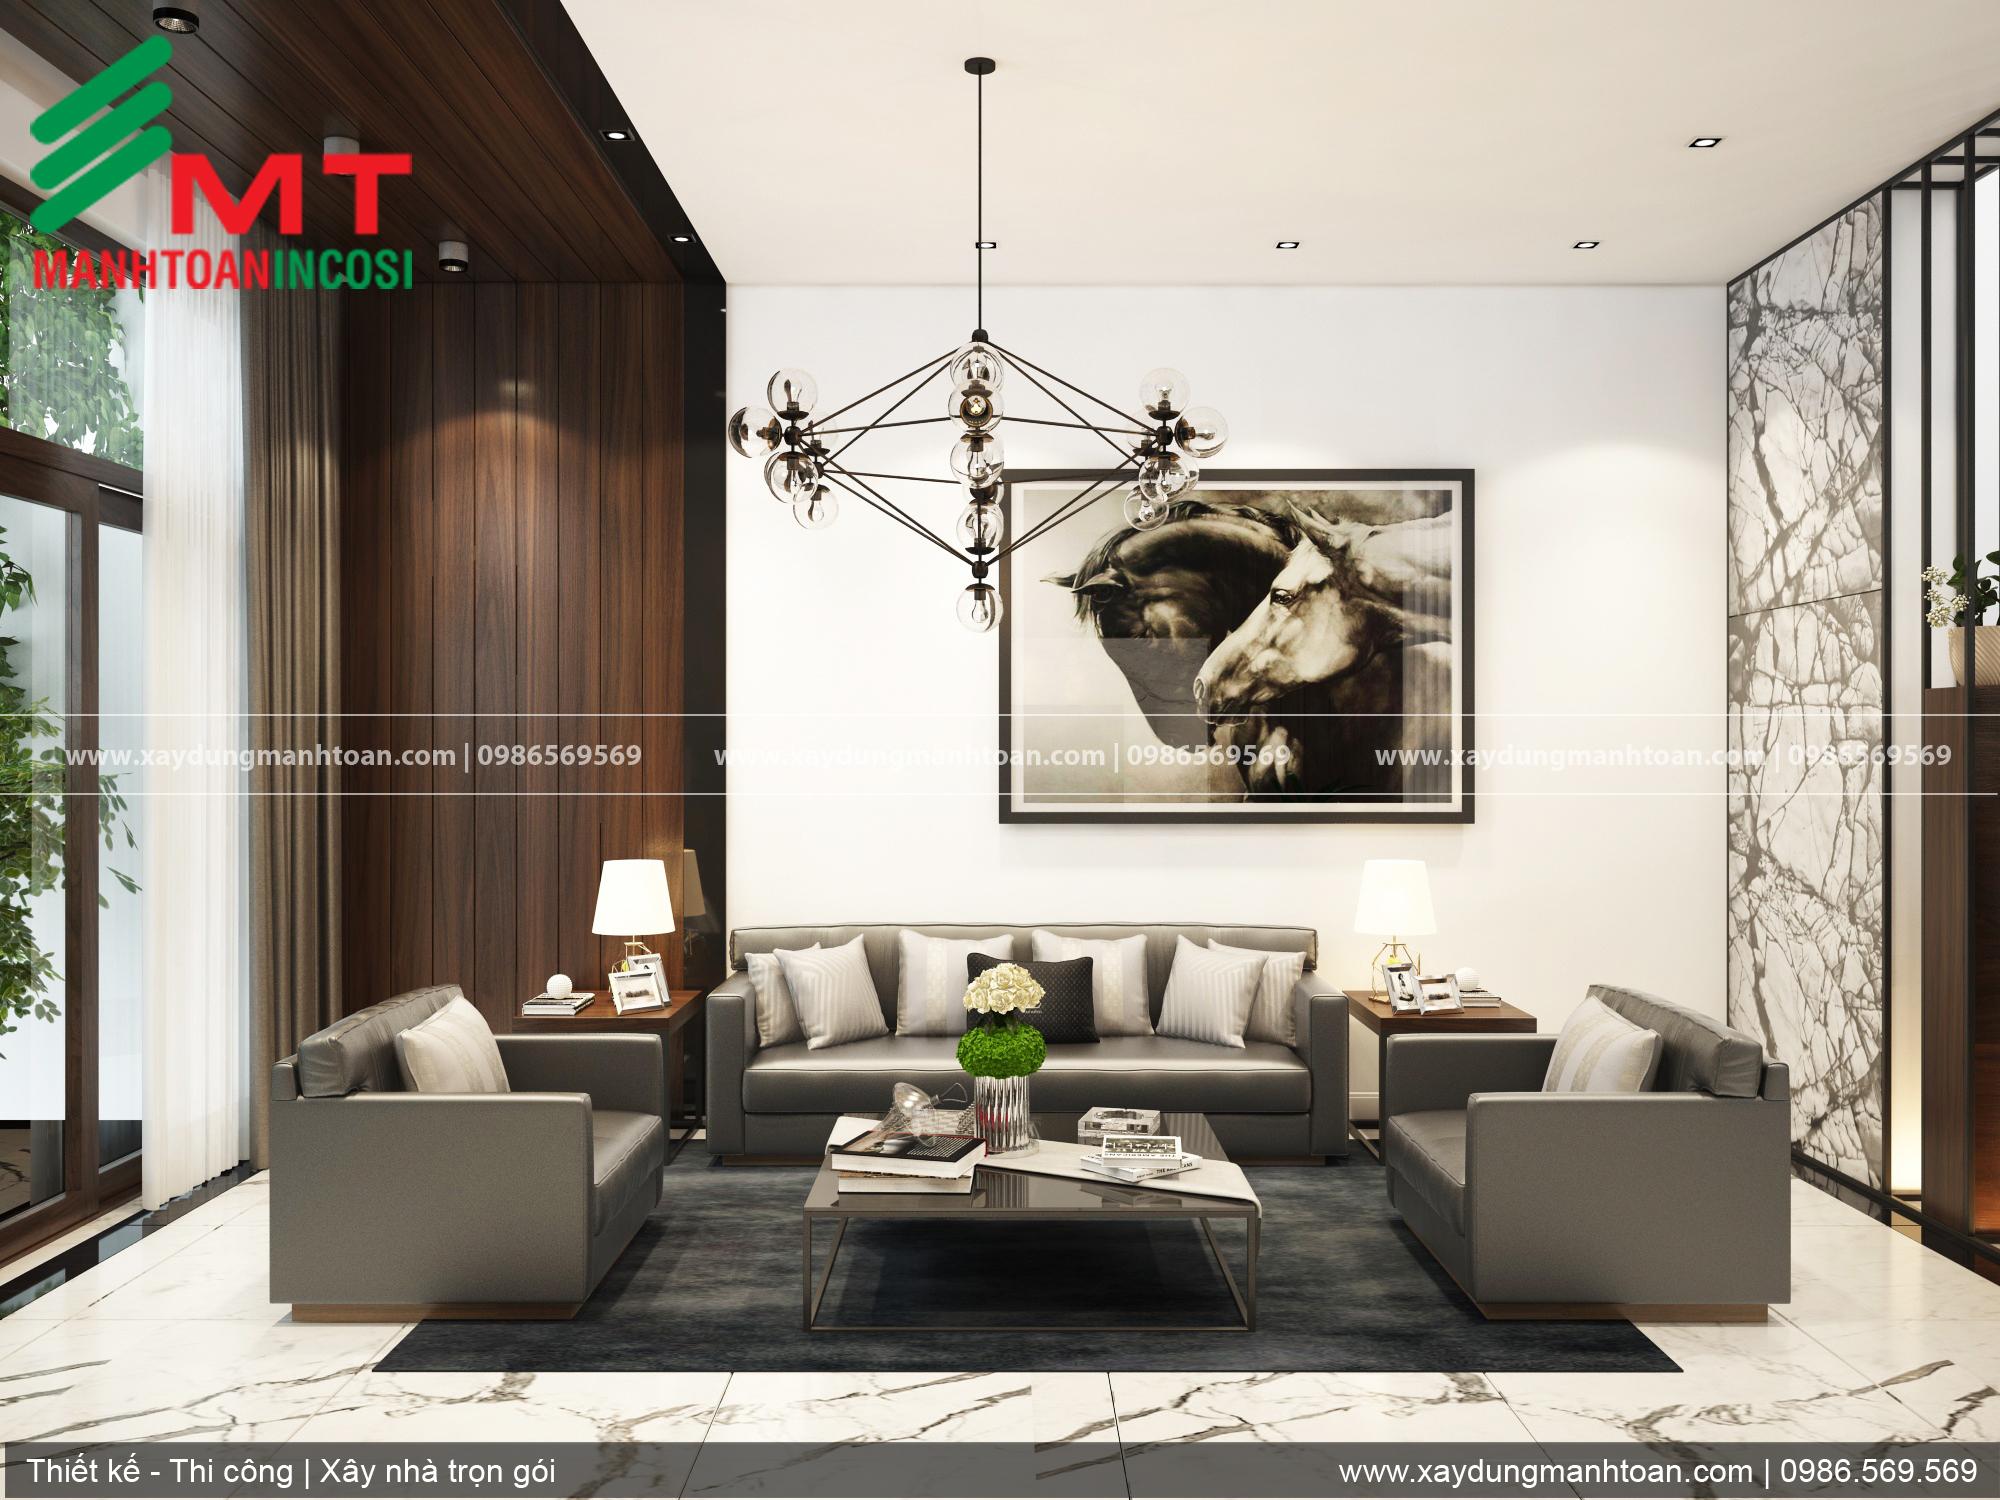 Nội thất đẹp tại Hải Phòng, thiết kế thi công nội thất, biệt thự đẹp tại Hải Phòng